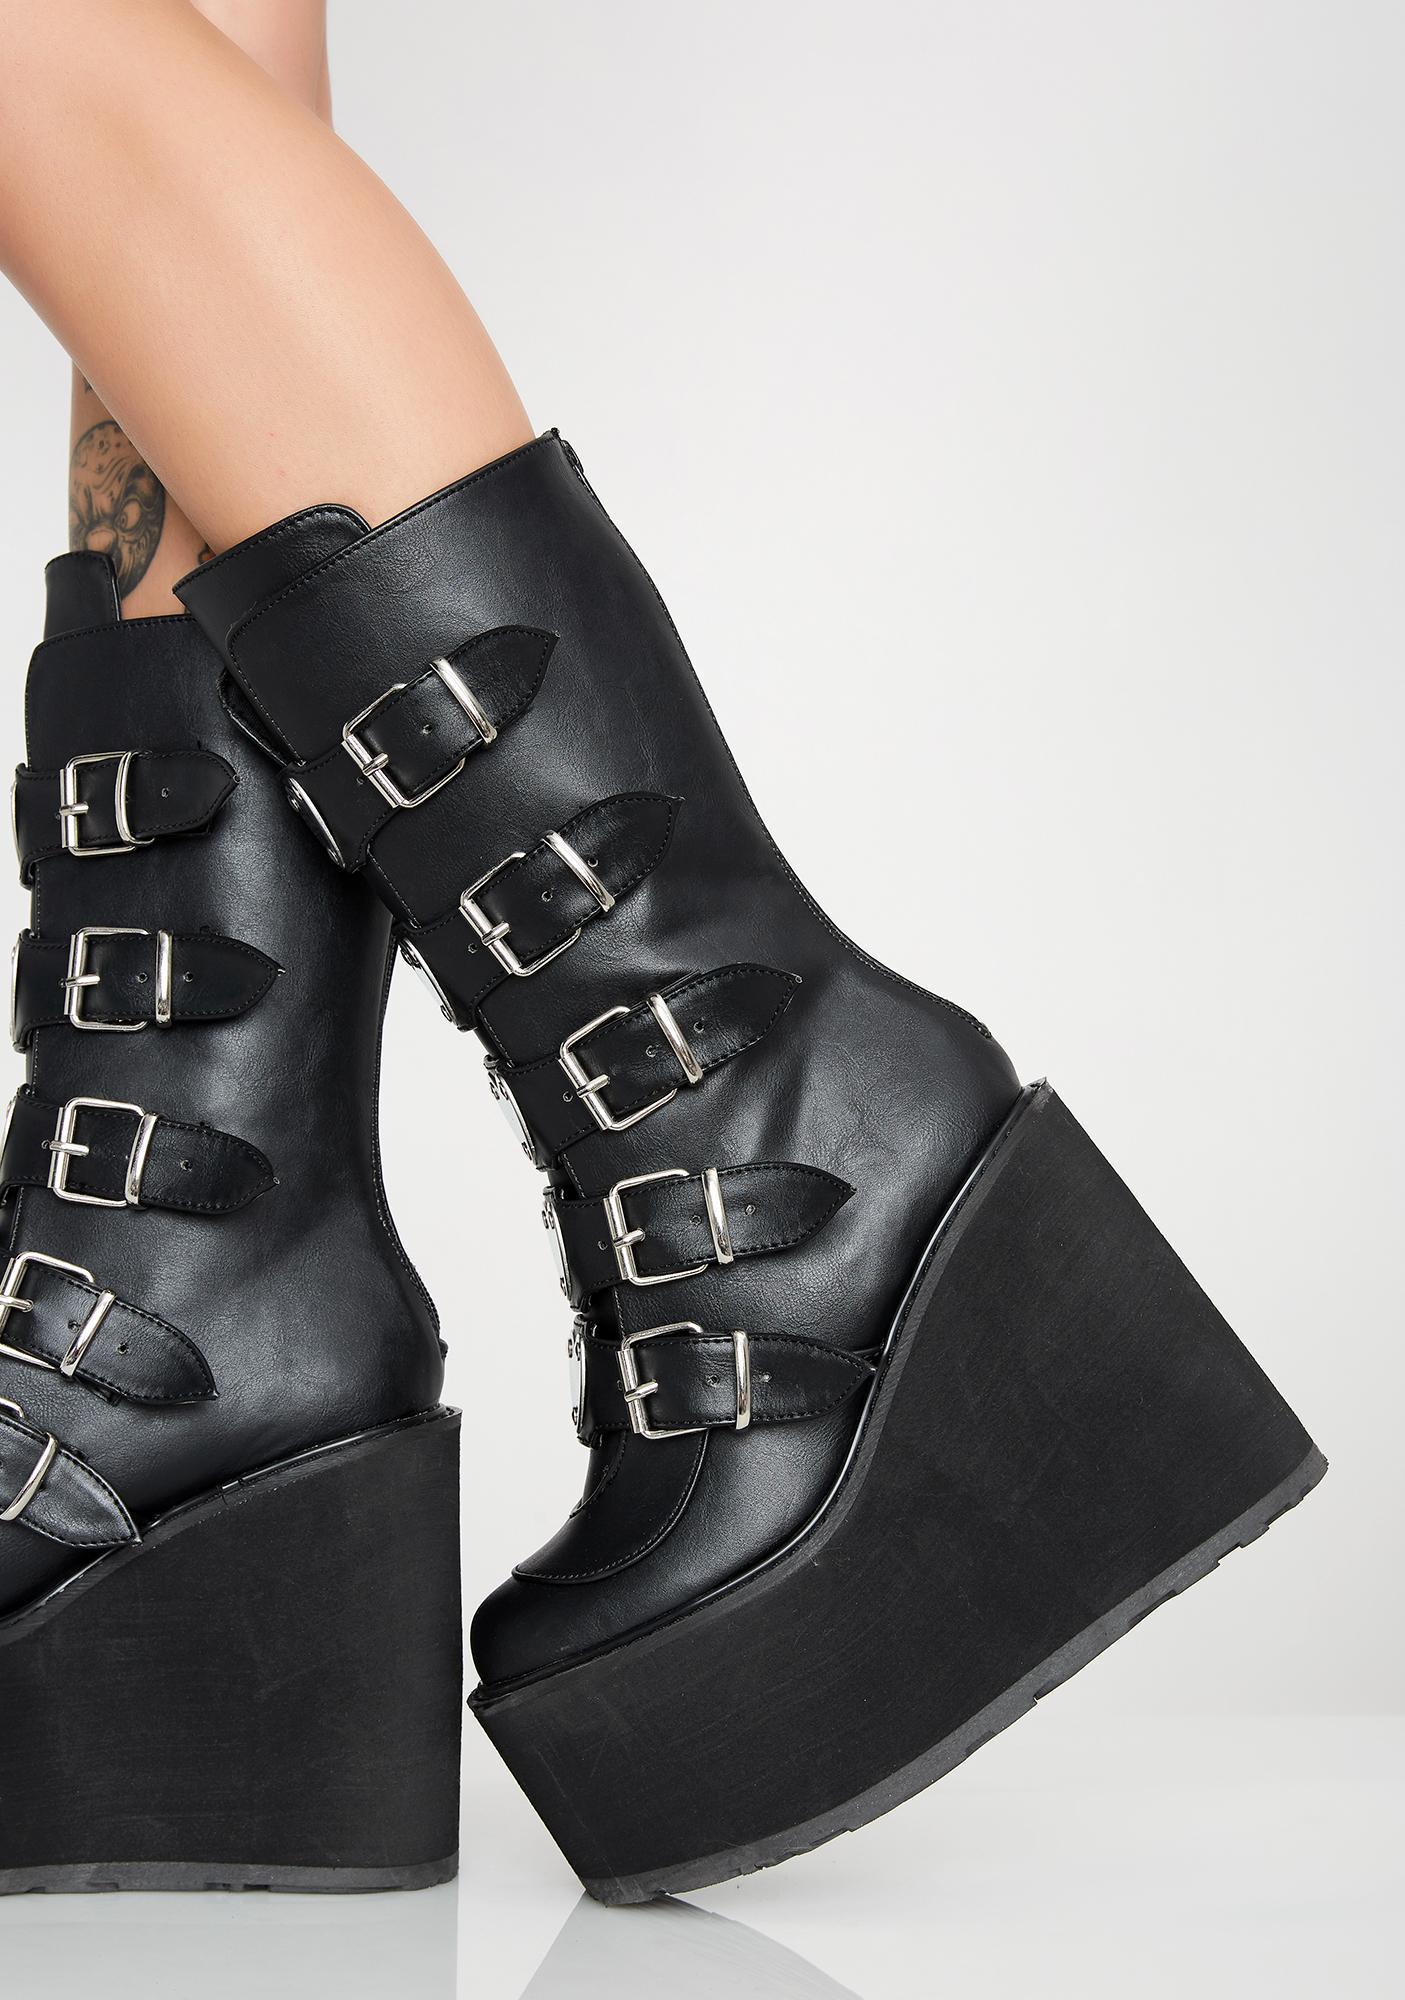 a6178db0b4b ... Demonia Lovesick Trinity Boots ...